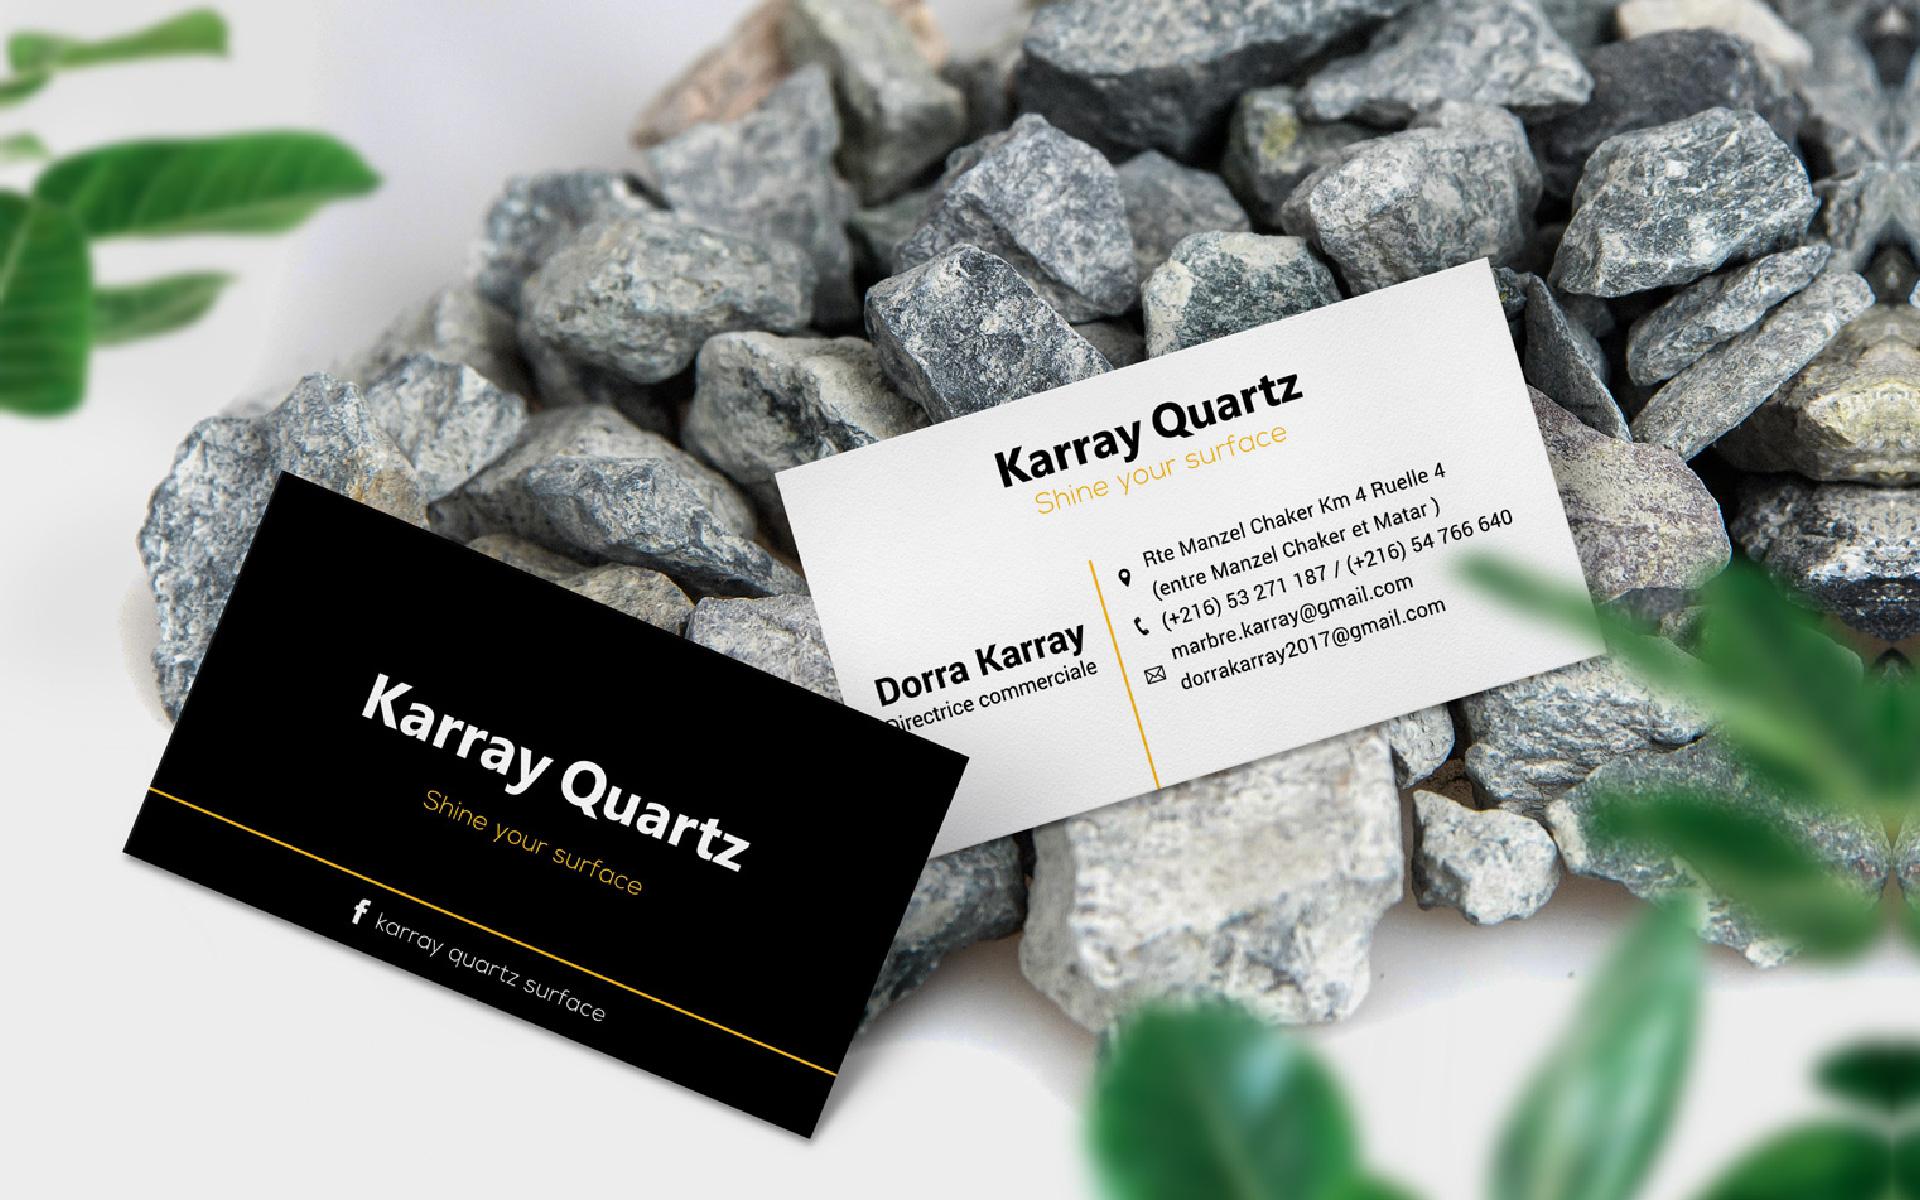 Carte visite Karray Quartz